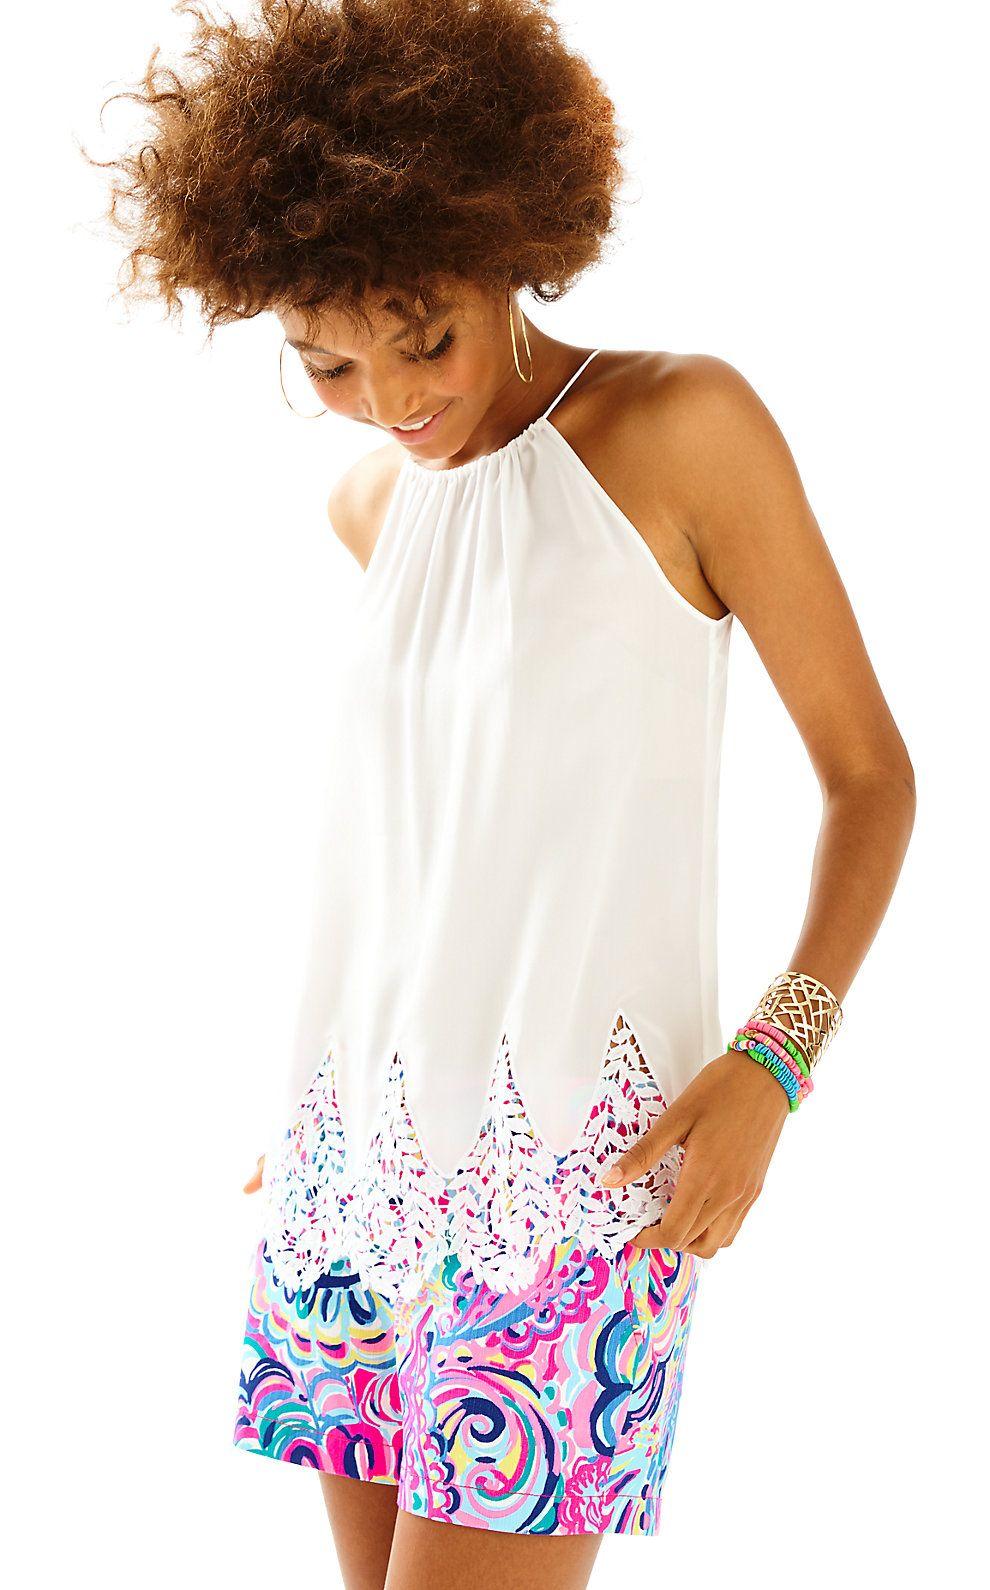 b7b200d33a6dbc Lilly Pulitzer Womens Diem Silk Lace Hem Top